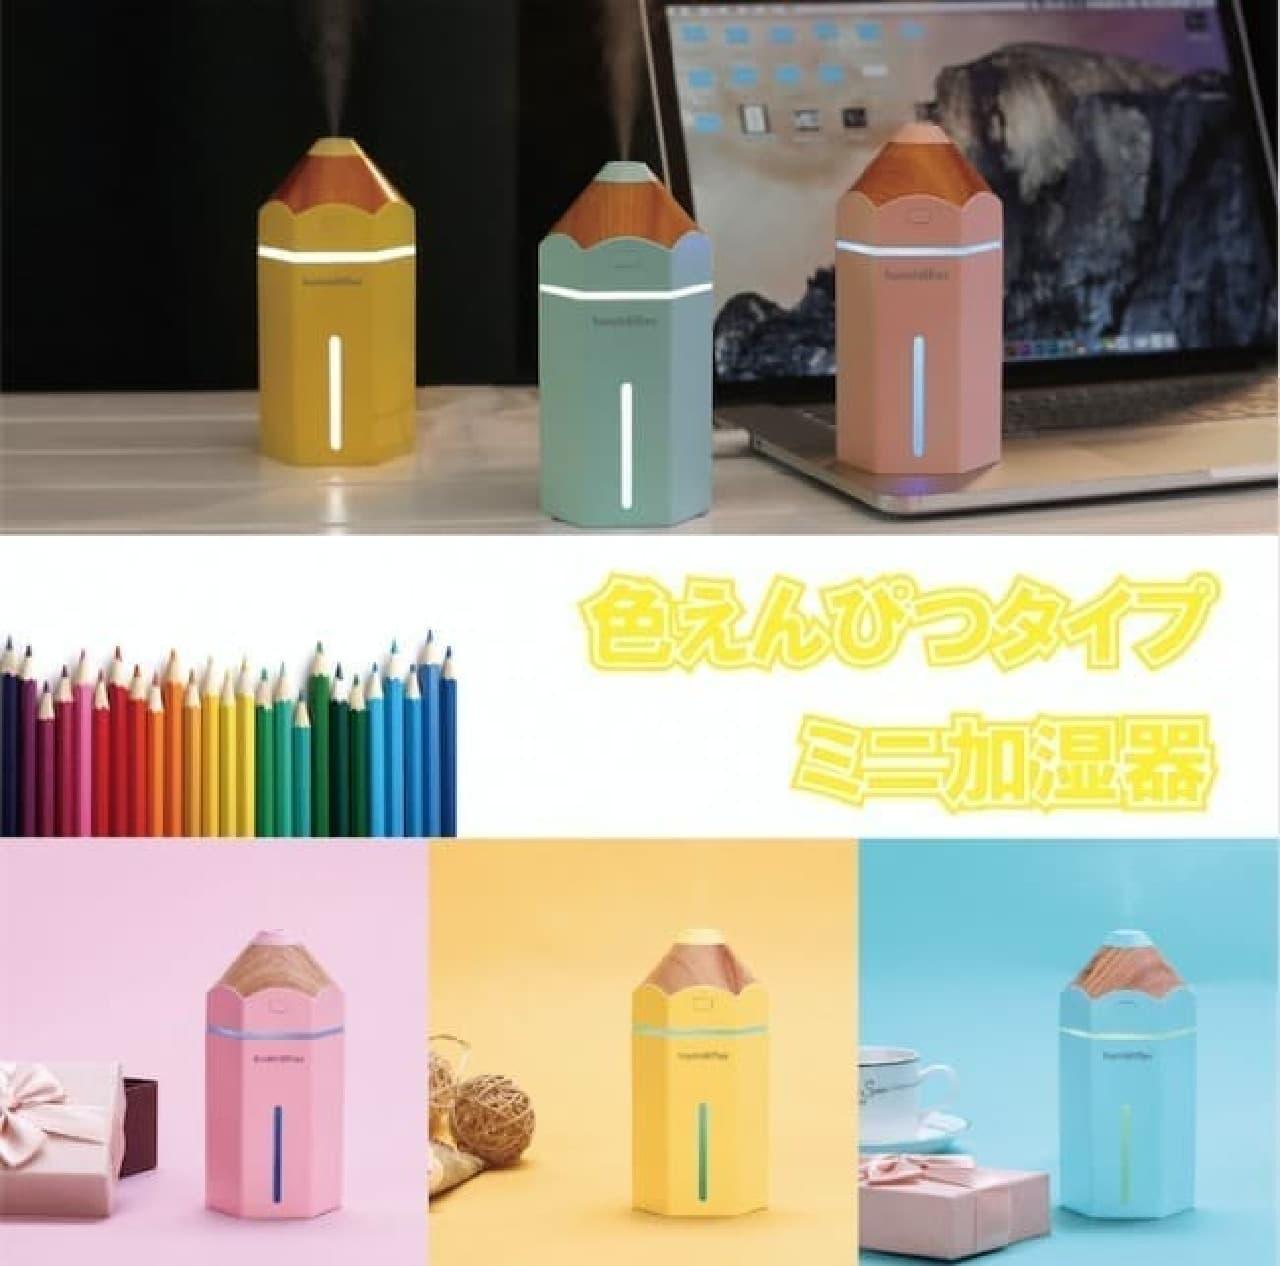 色鉛筆型の加湿器